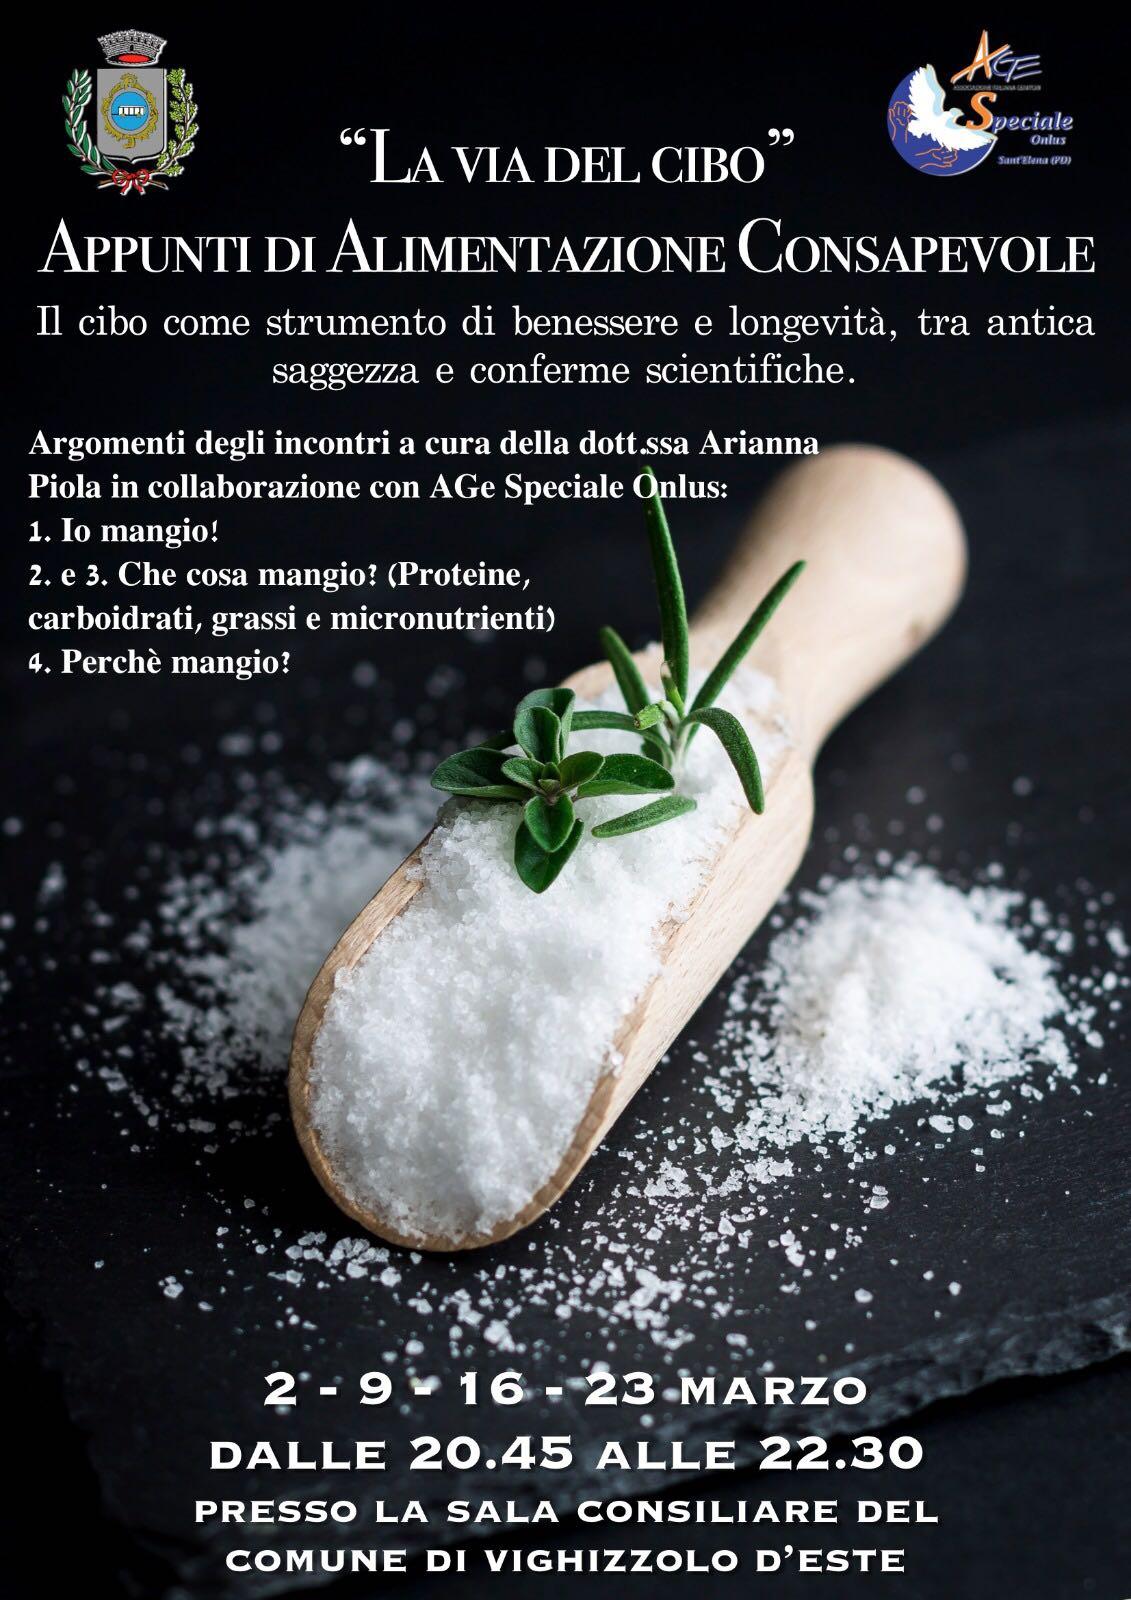 Appunti di Alimentazione Consapevole